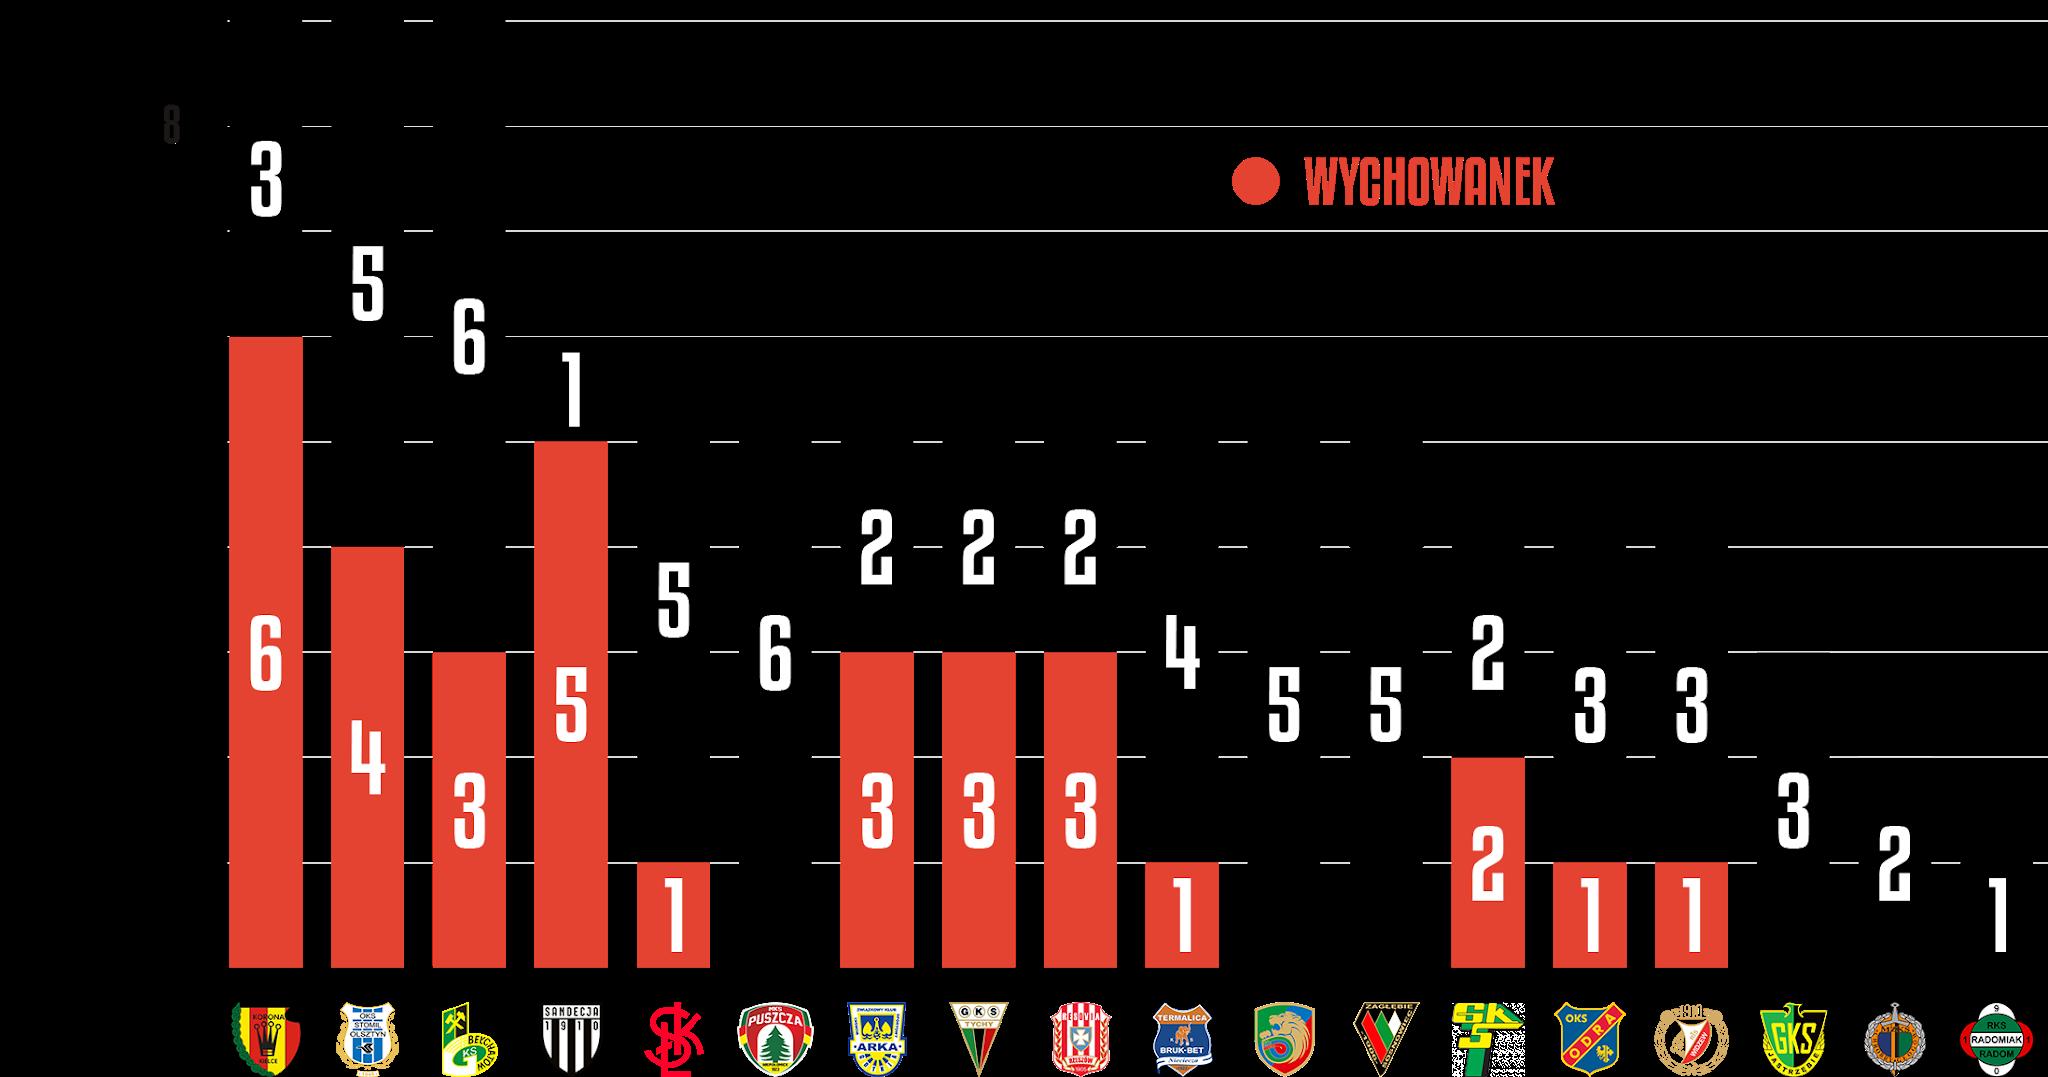 Młodzieżowcy w rozgrywkach Fortuna 1 Ligi 2020/21<br><br>Źródło: Opracowanie własne na podstawie 90minut.pl<br><br>graf. Bartosz Urban